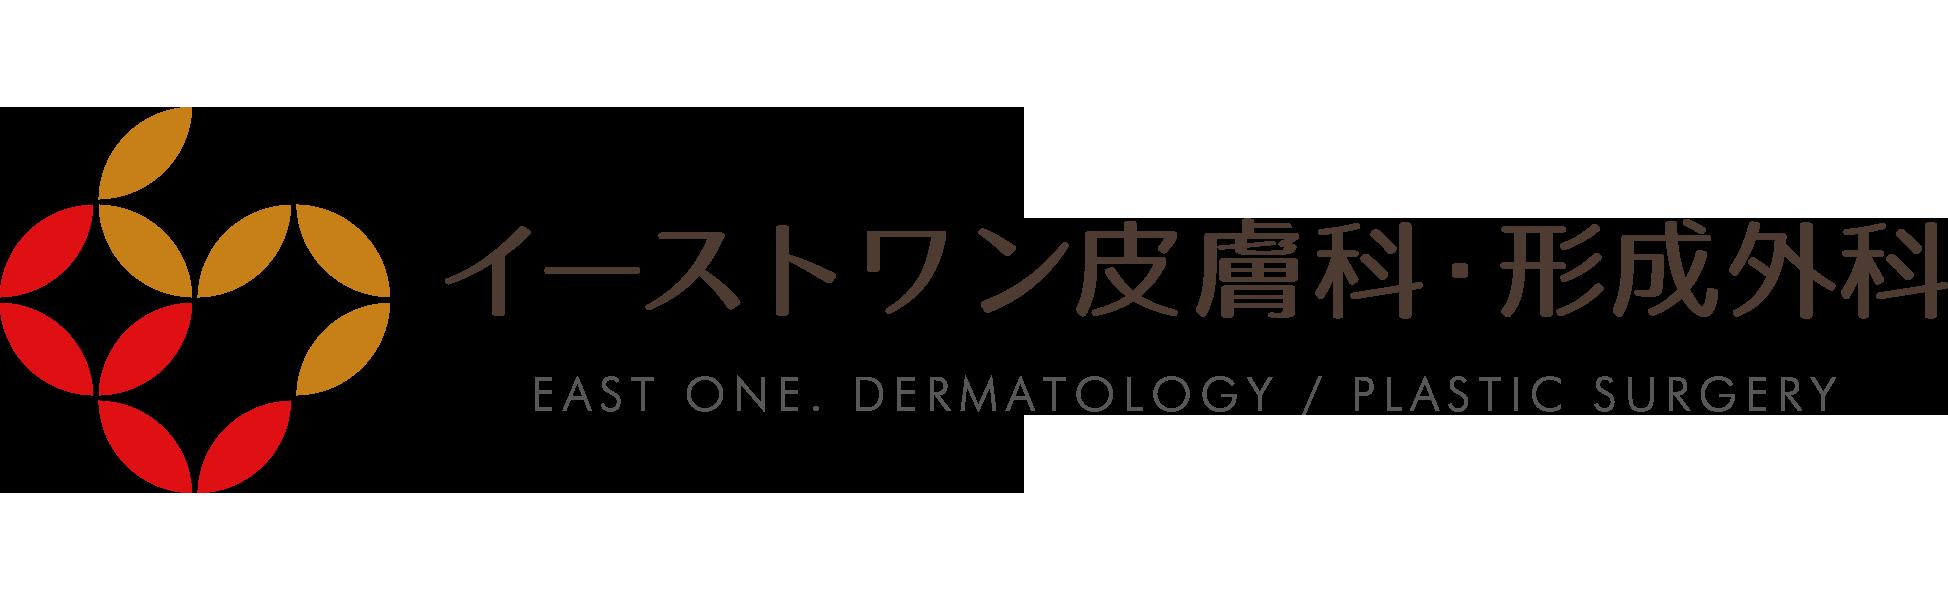 イーストワン皮膚科・形成外科 院長 池田欣生ブログ